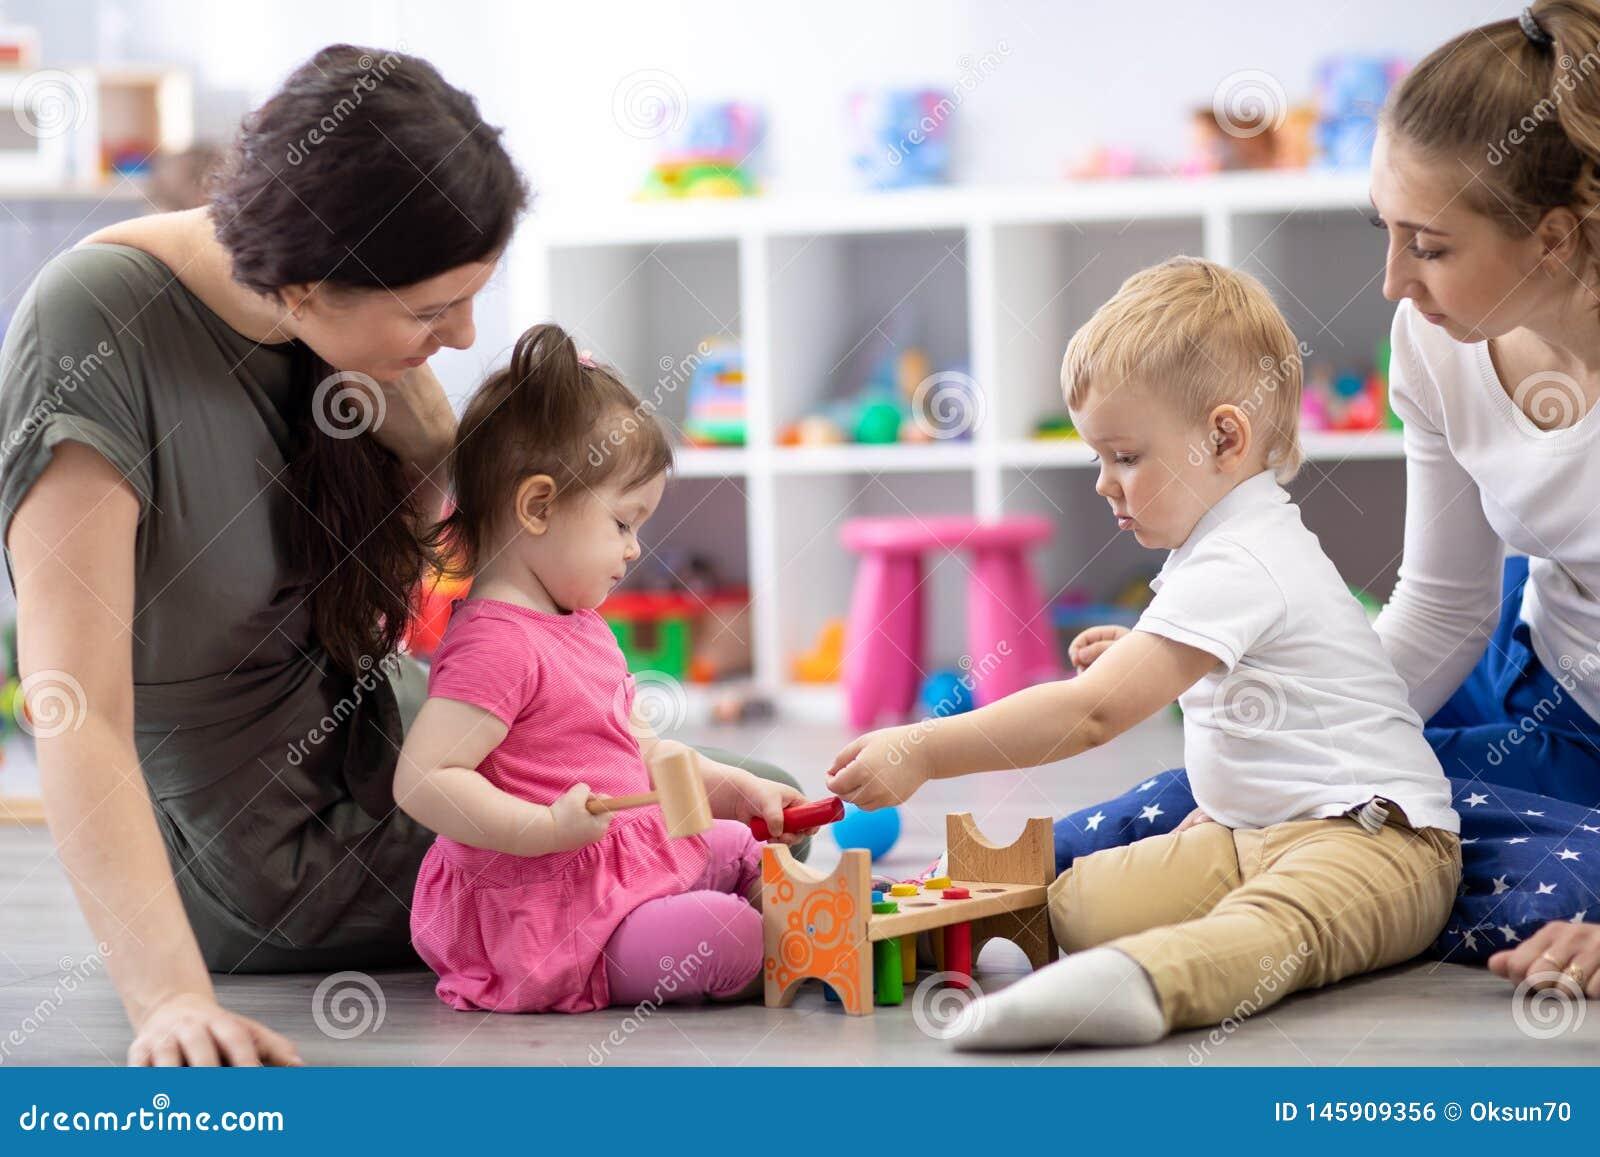 Grupa dzieci bawić się wraz z matkami w sali lekcyjnej w pepinierze lub preschool